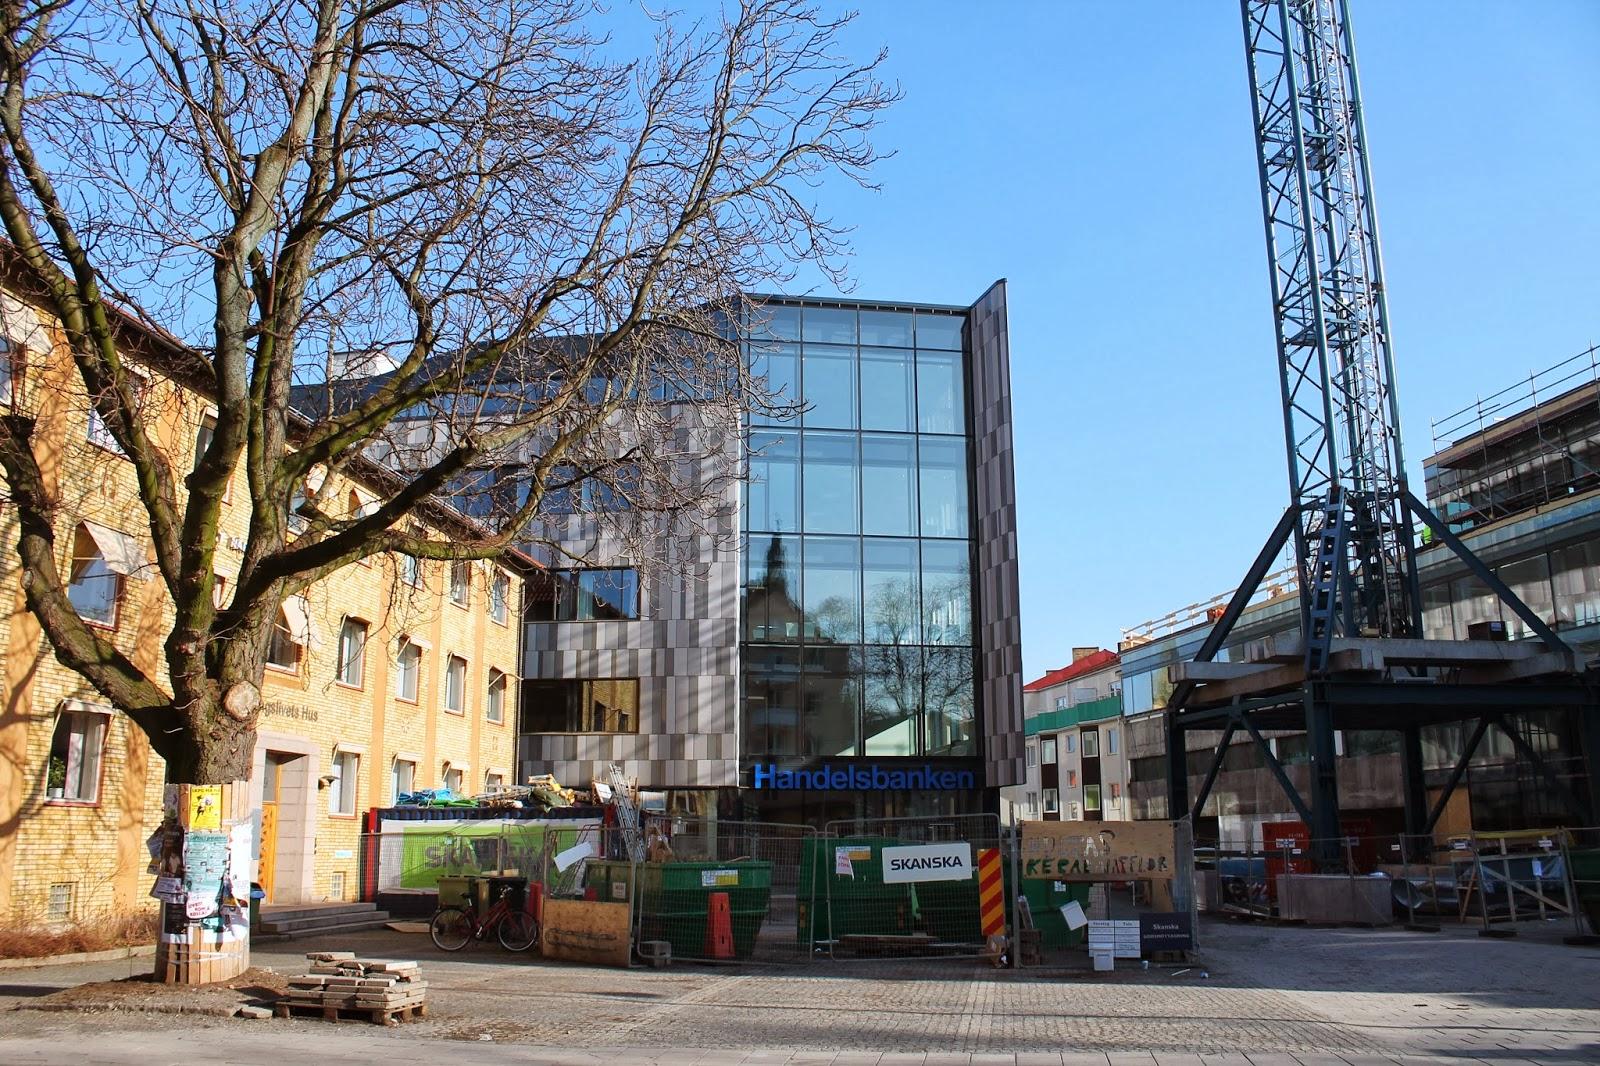 handelsbanken linköping city